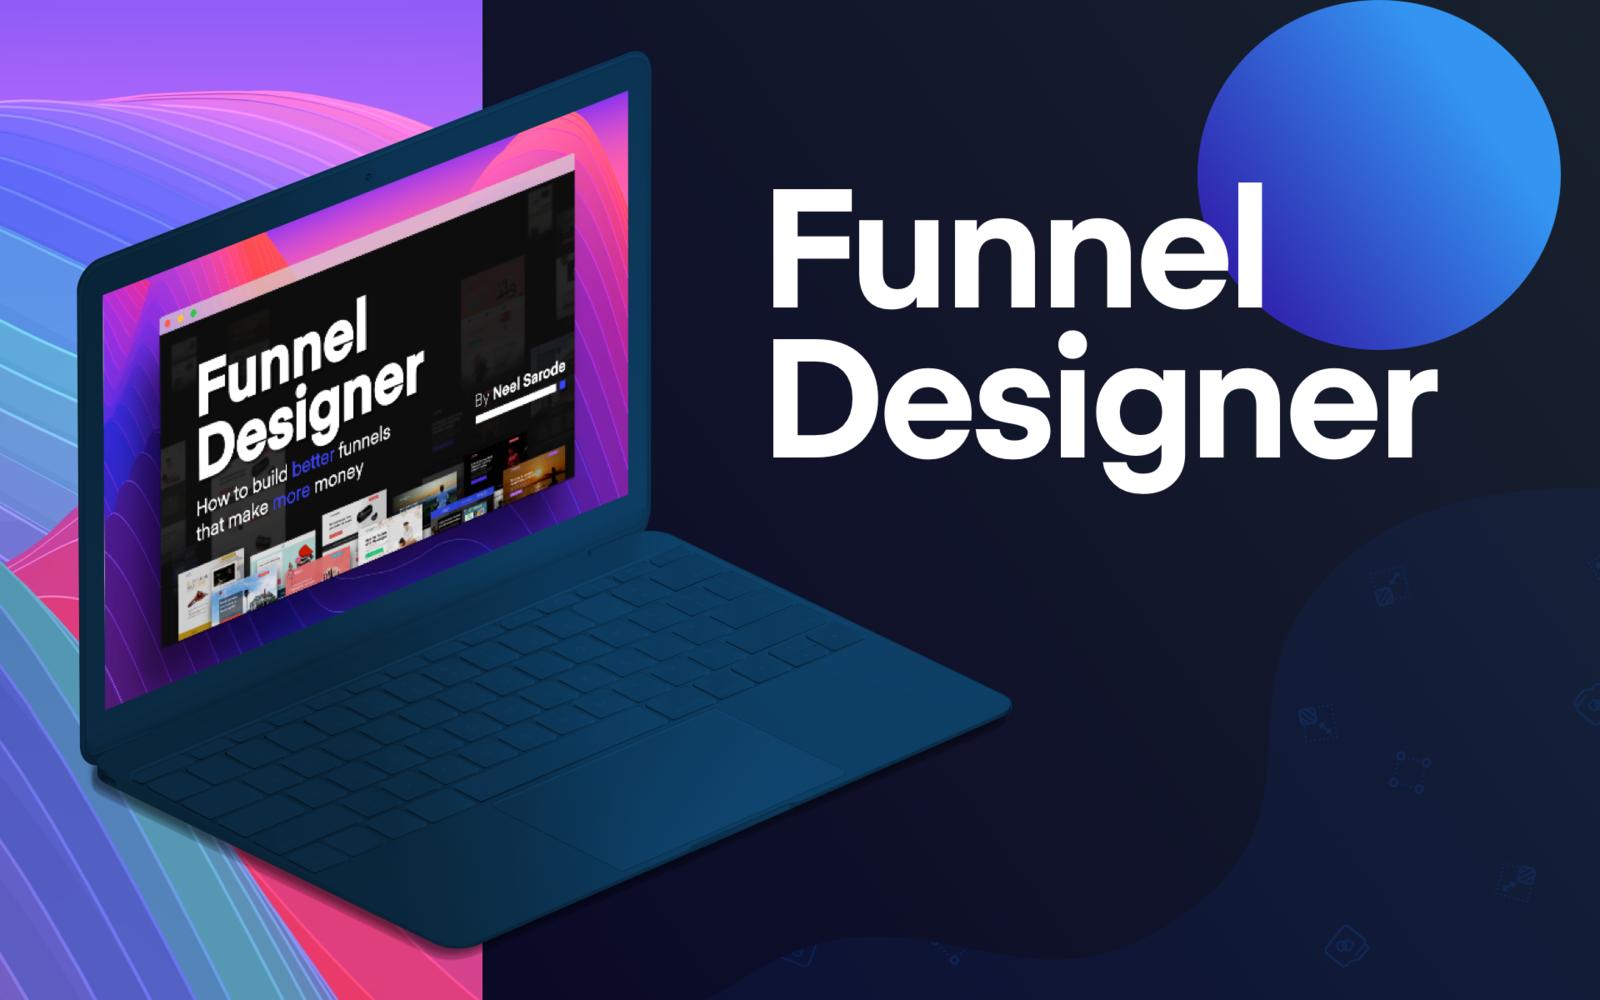 零基础入门,大师班教你深入的如何设计更好的渠道,以赚取更多的钱。(Funnel Designer MasterClass 2020)